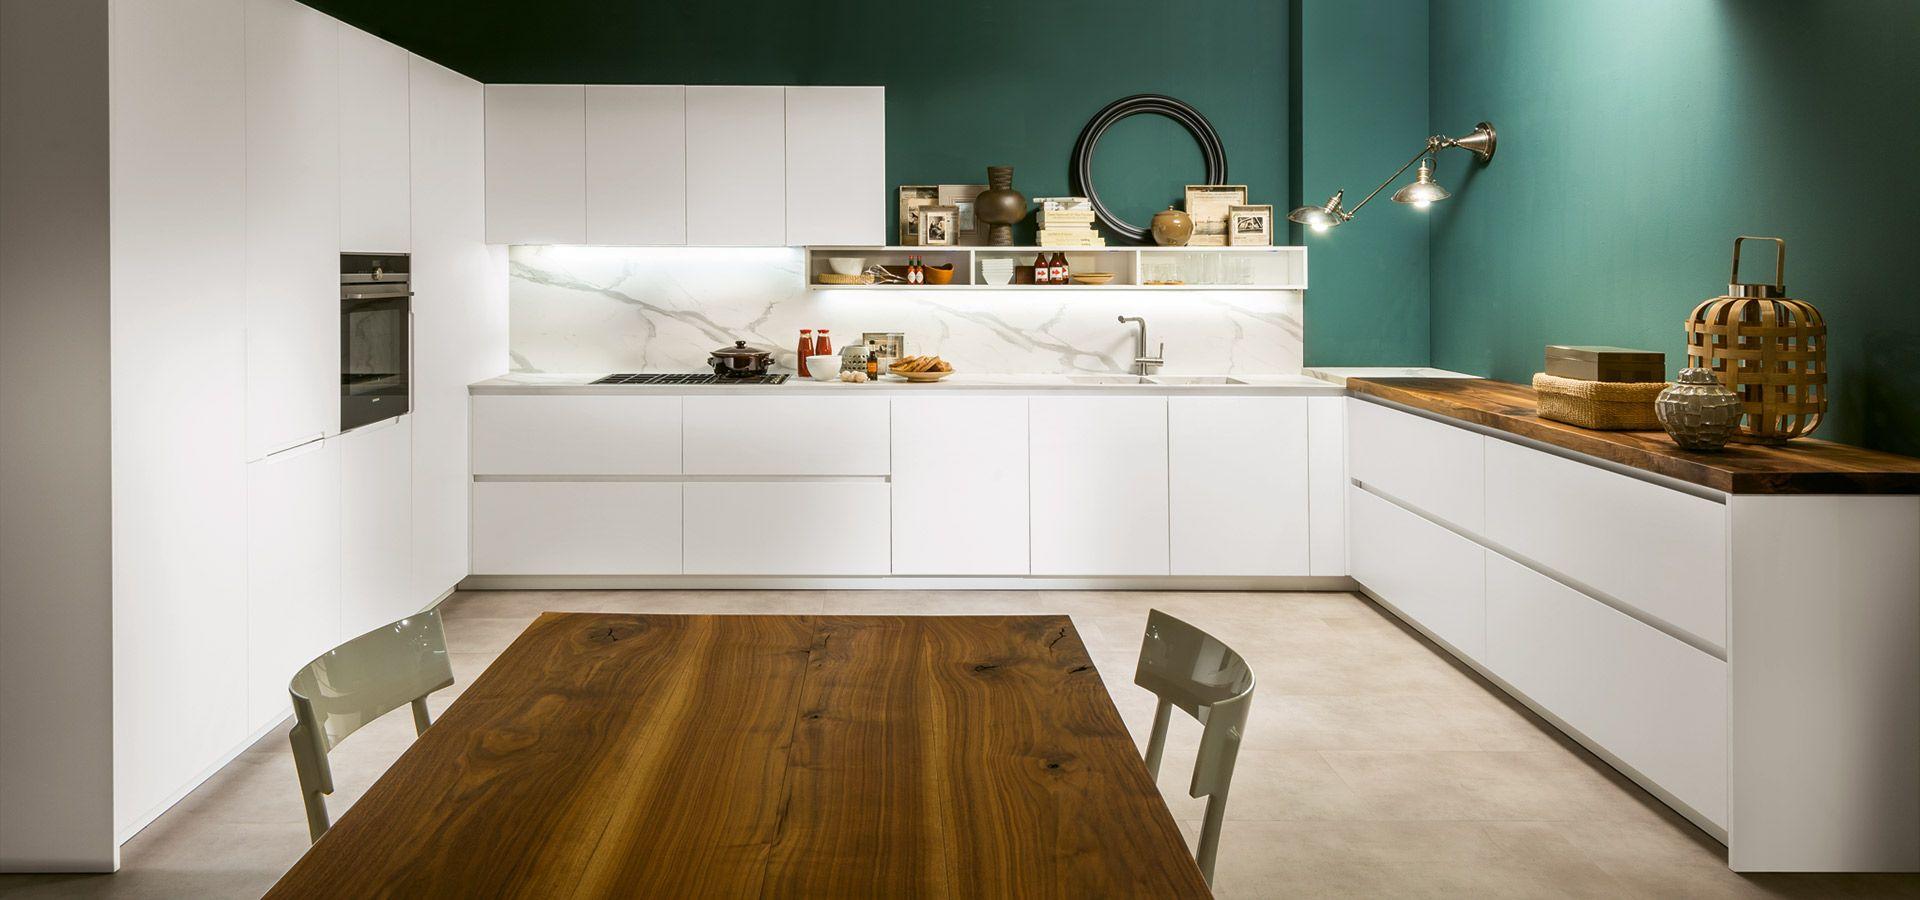 Soft bianco calacatta cappellini cucine cozinha for Cucine cappellini